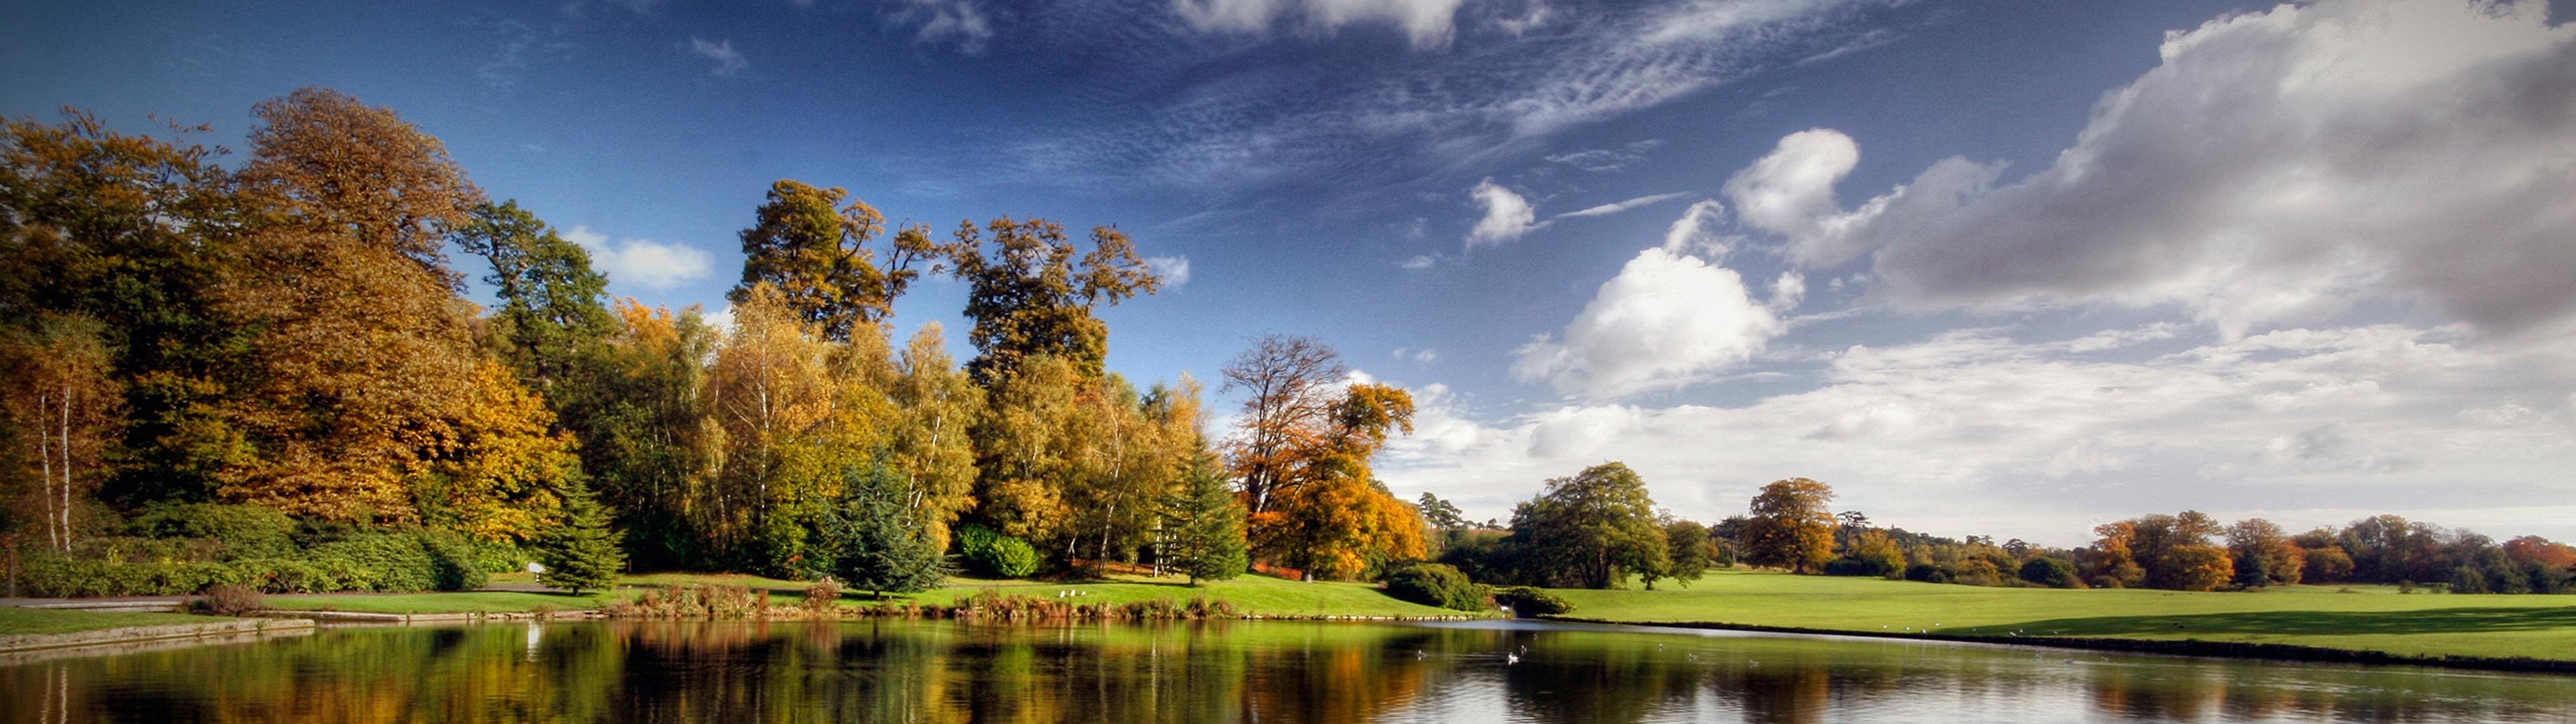 Landscape 3840 X 1080 - HD Wallpaper